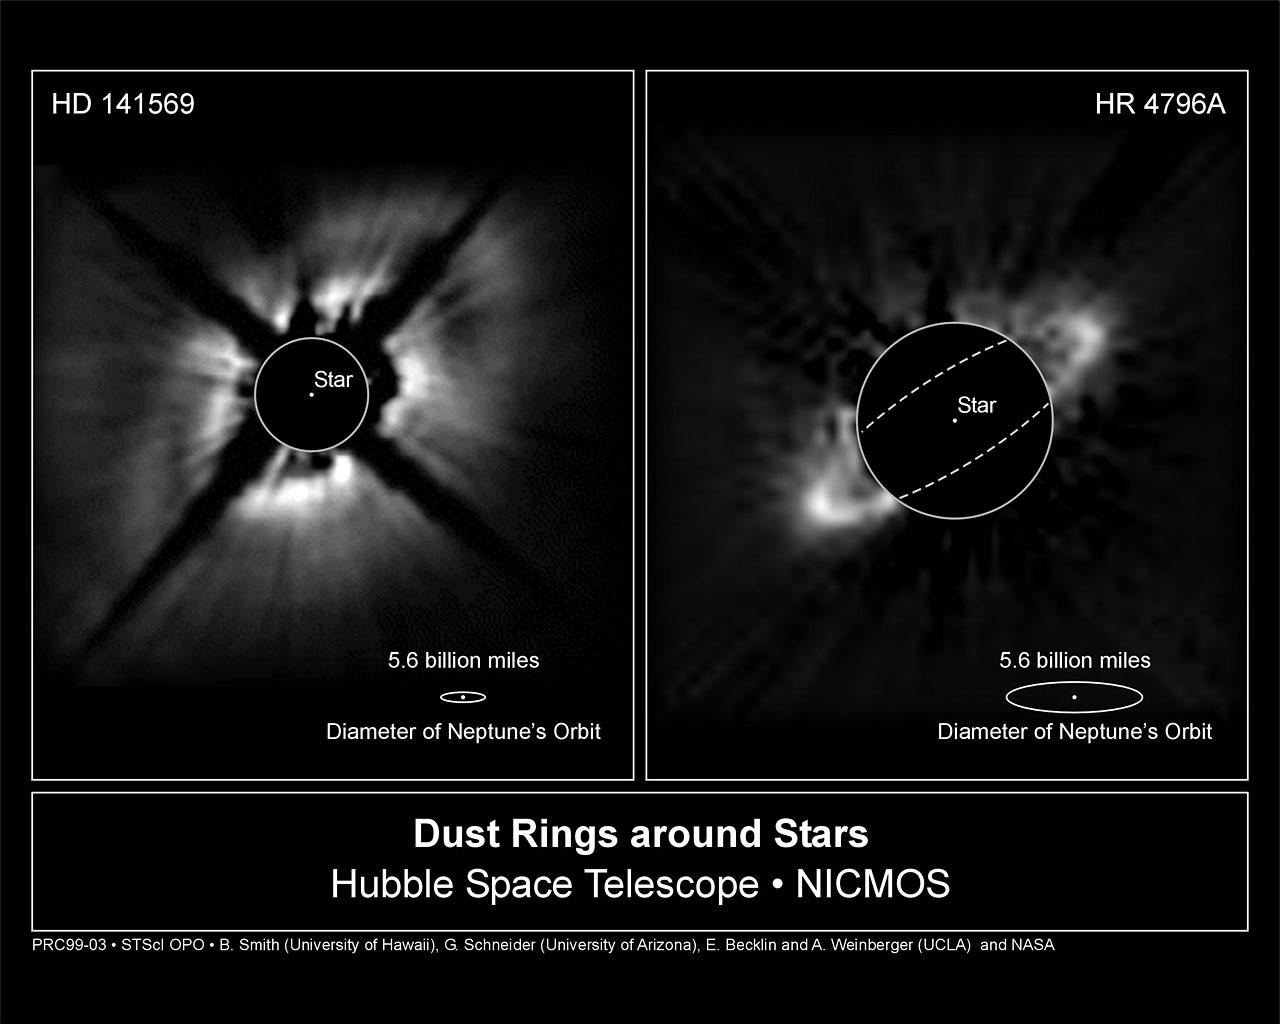 Dust Rings Around Stars